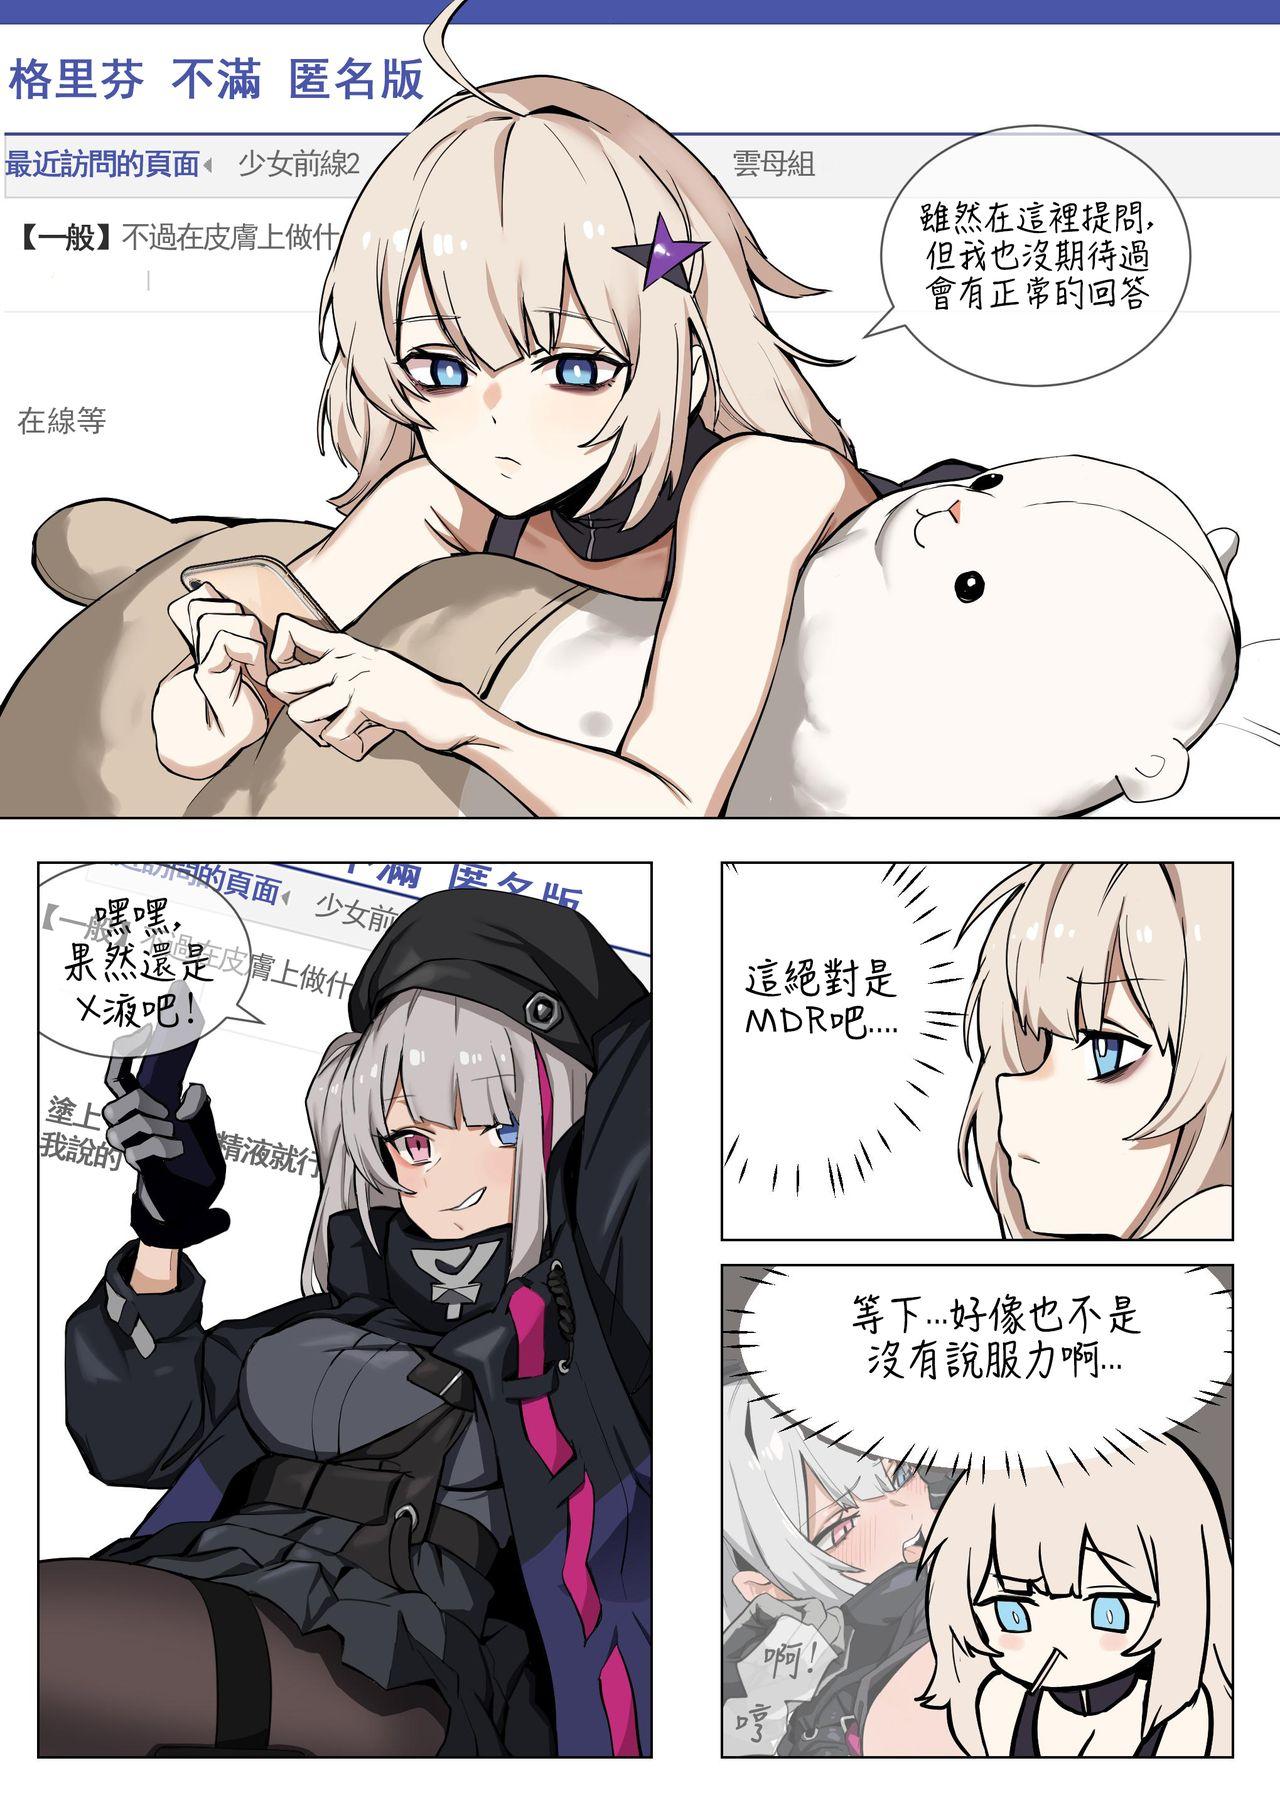 【全彩中文】[banssee] AA12的护肤妙招 少女前线本子 樱花动漫